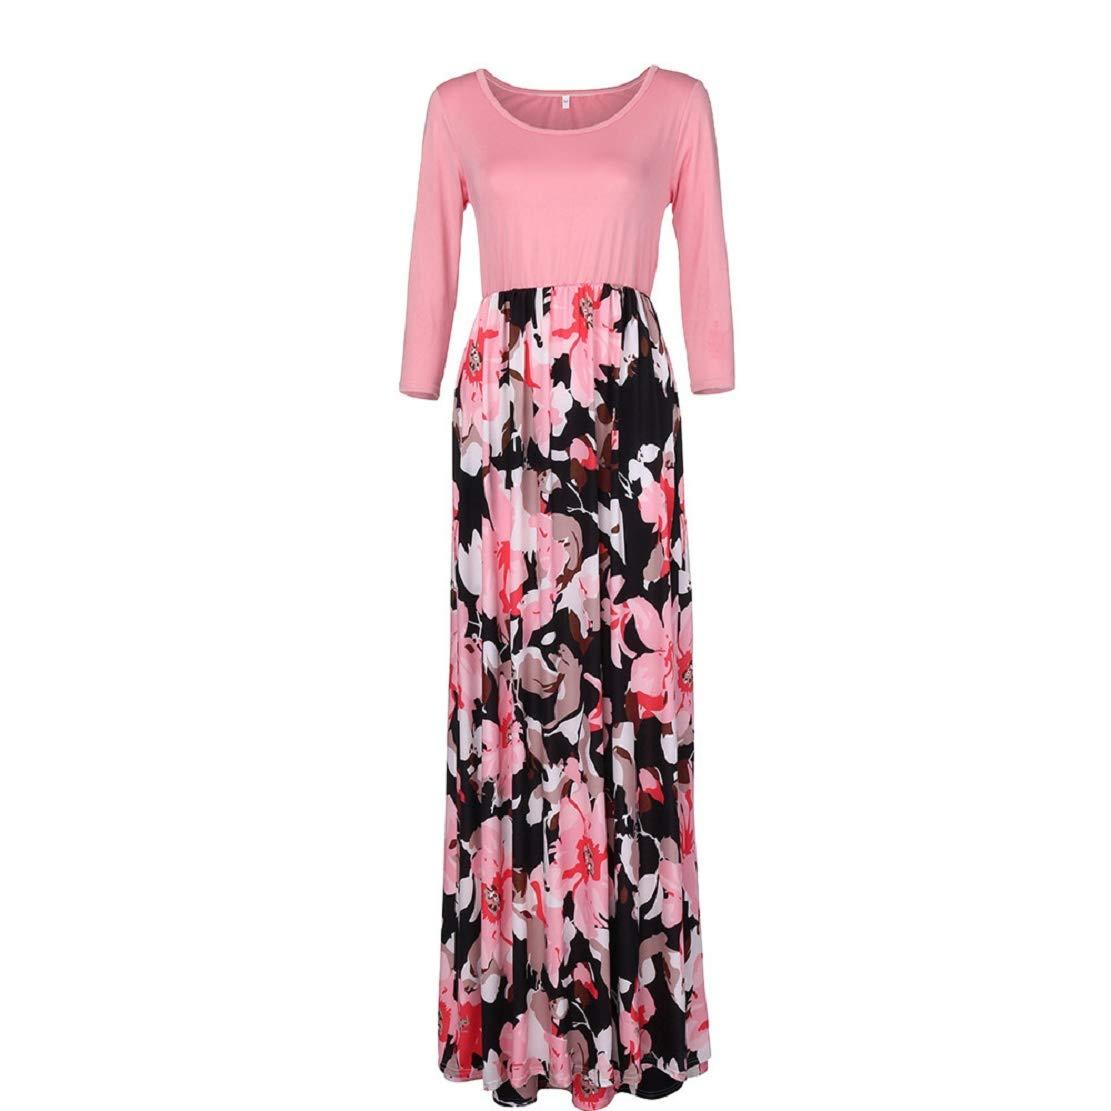 Women Long Gown Summer Beach Sleeveless Sundress Boho Floral Print Dress Maxi Dress by Lowprofile